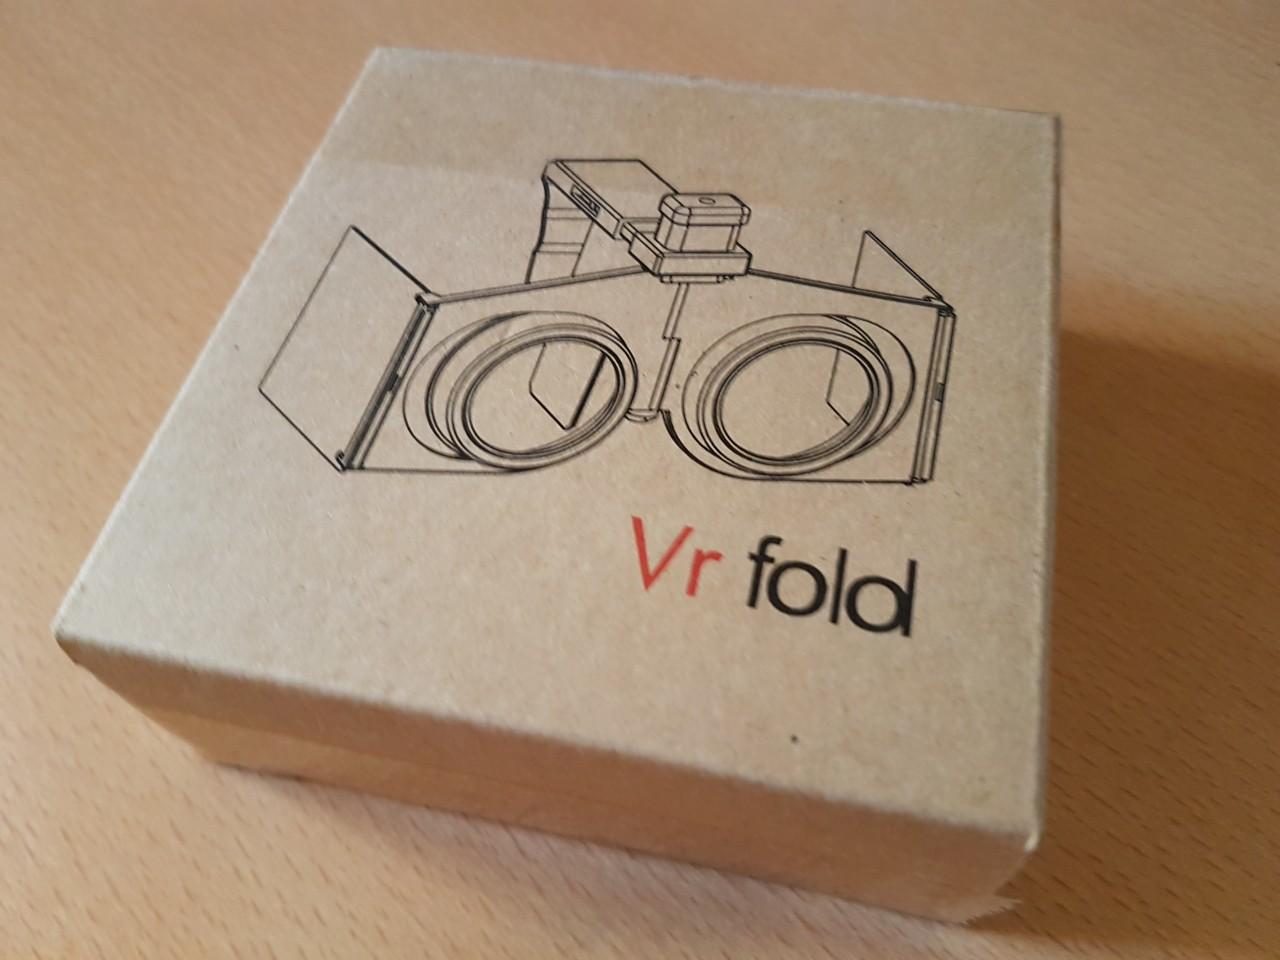 vrfold2